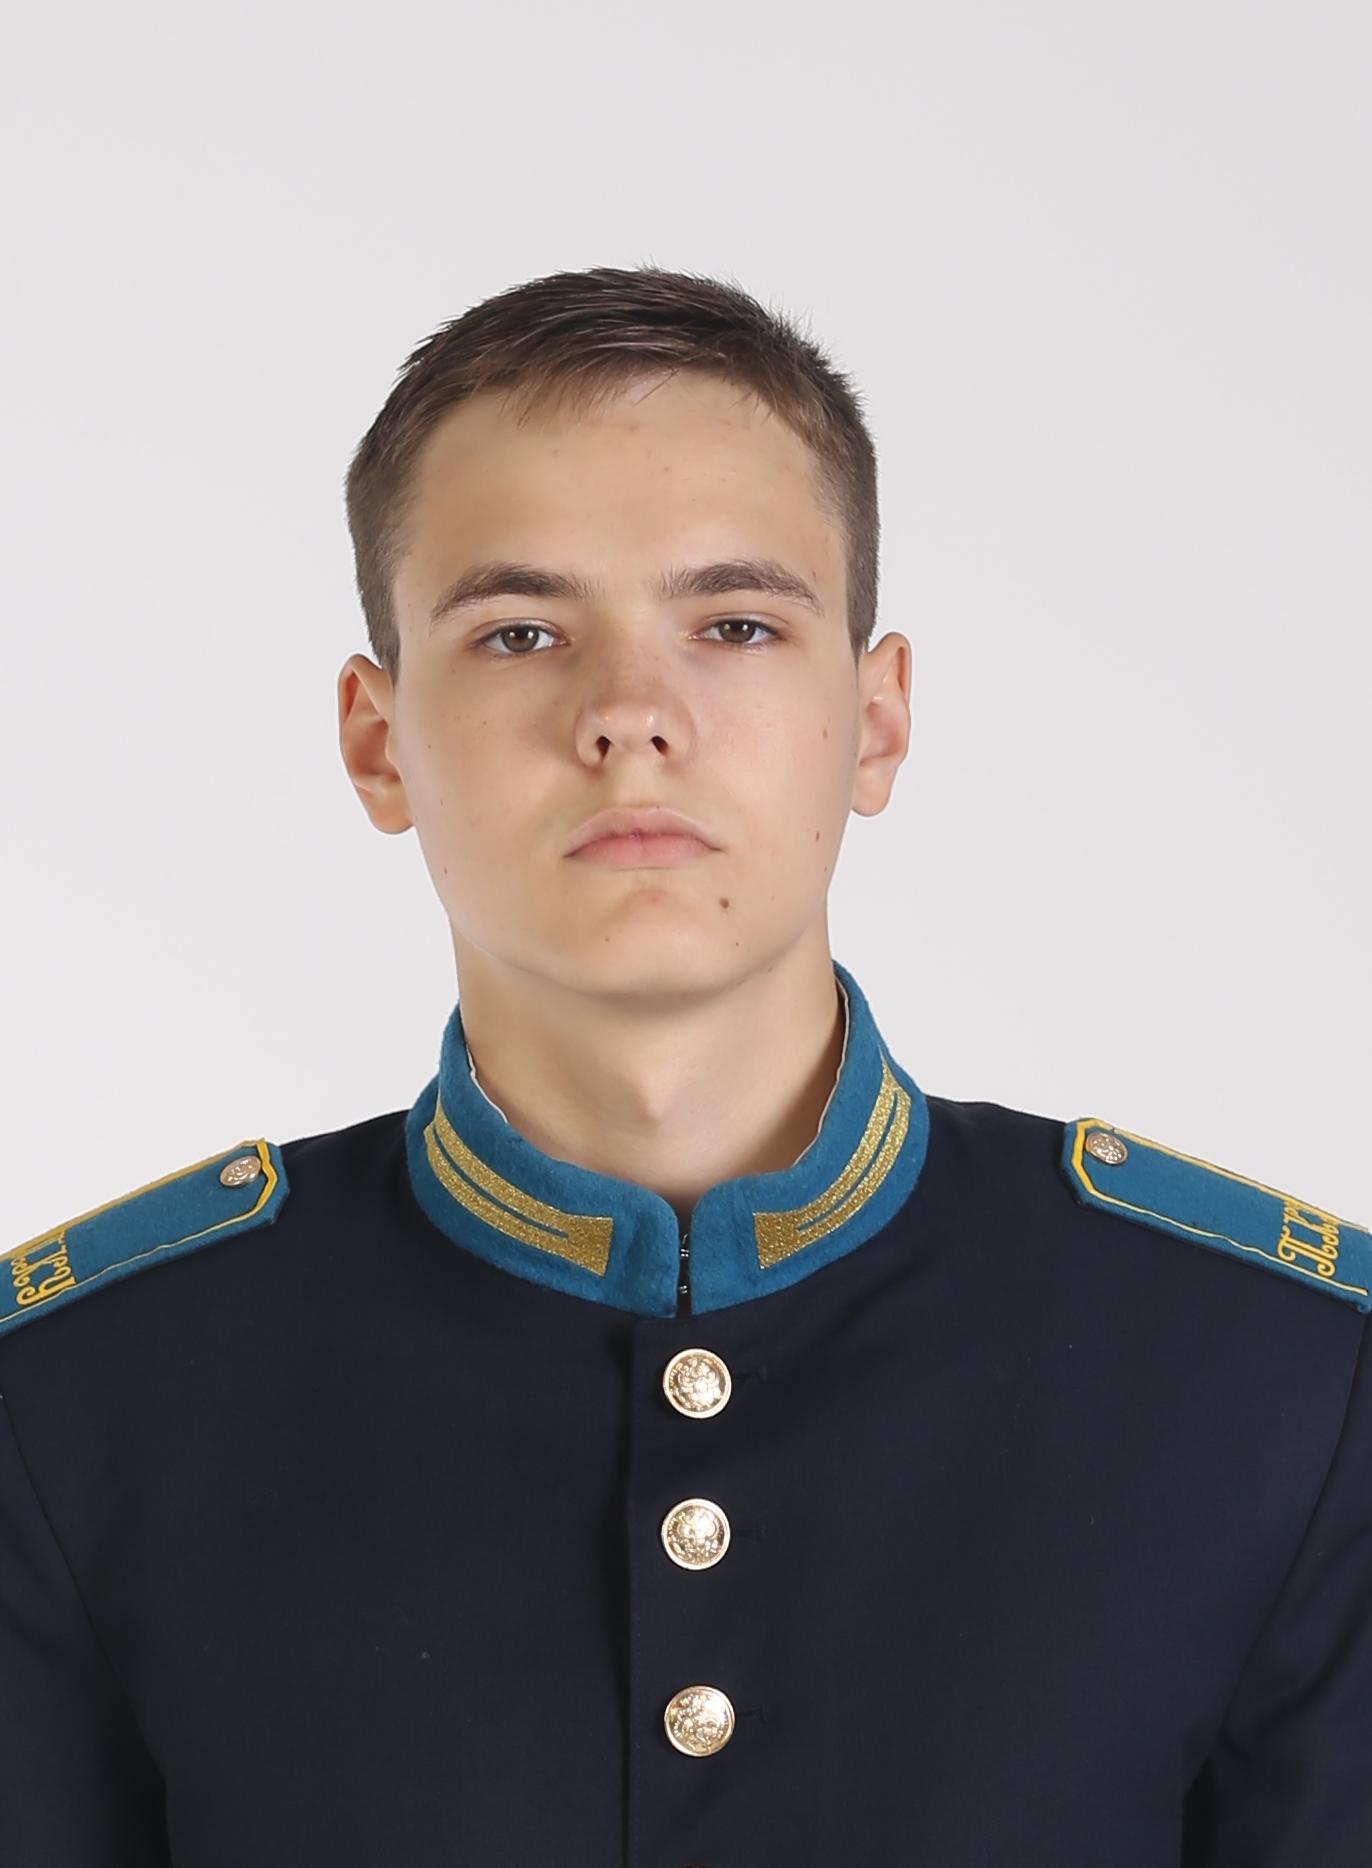 Поногаев Илья